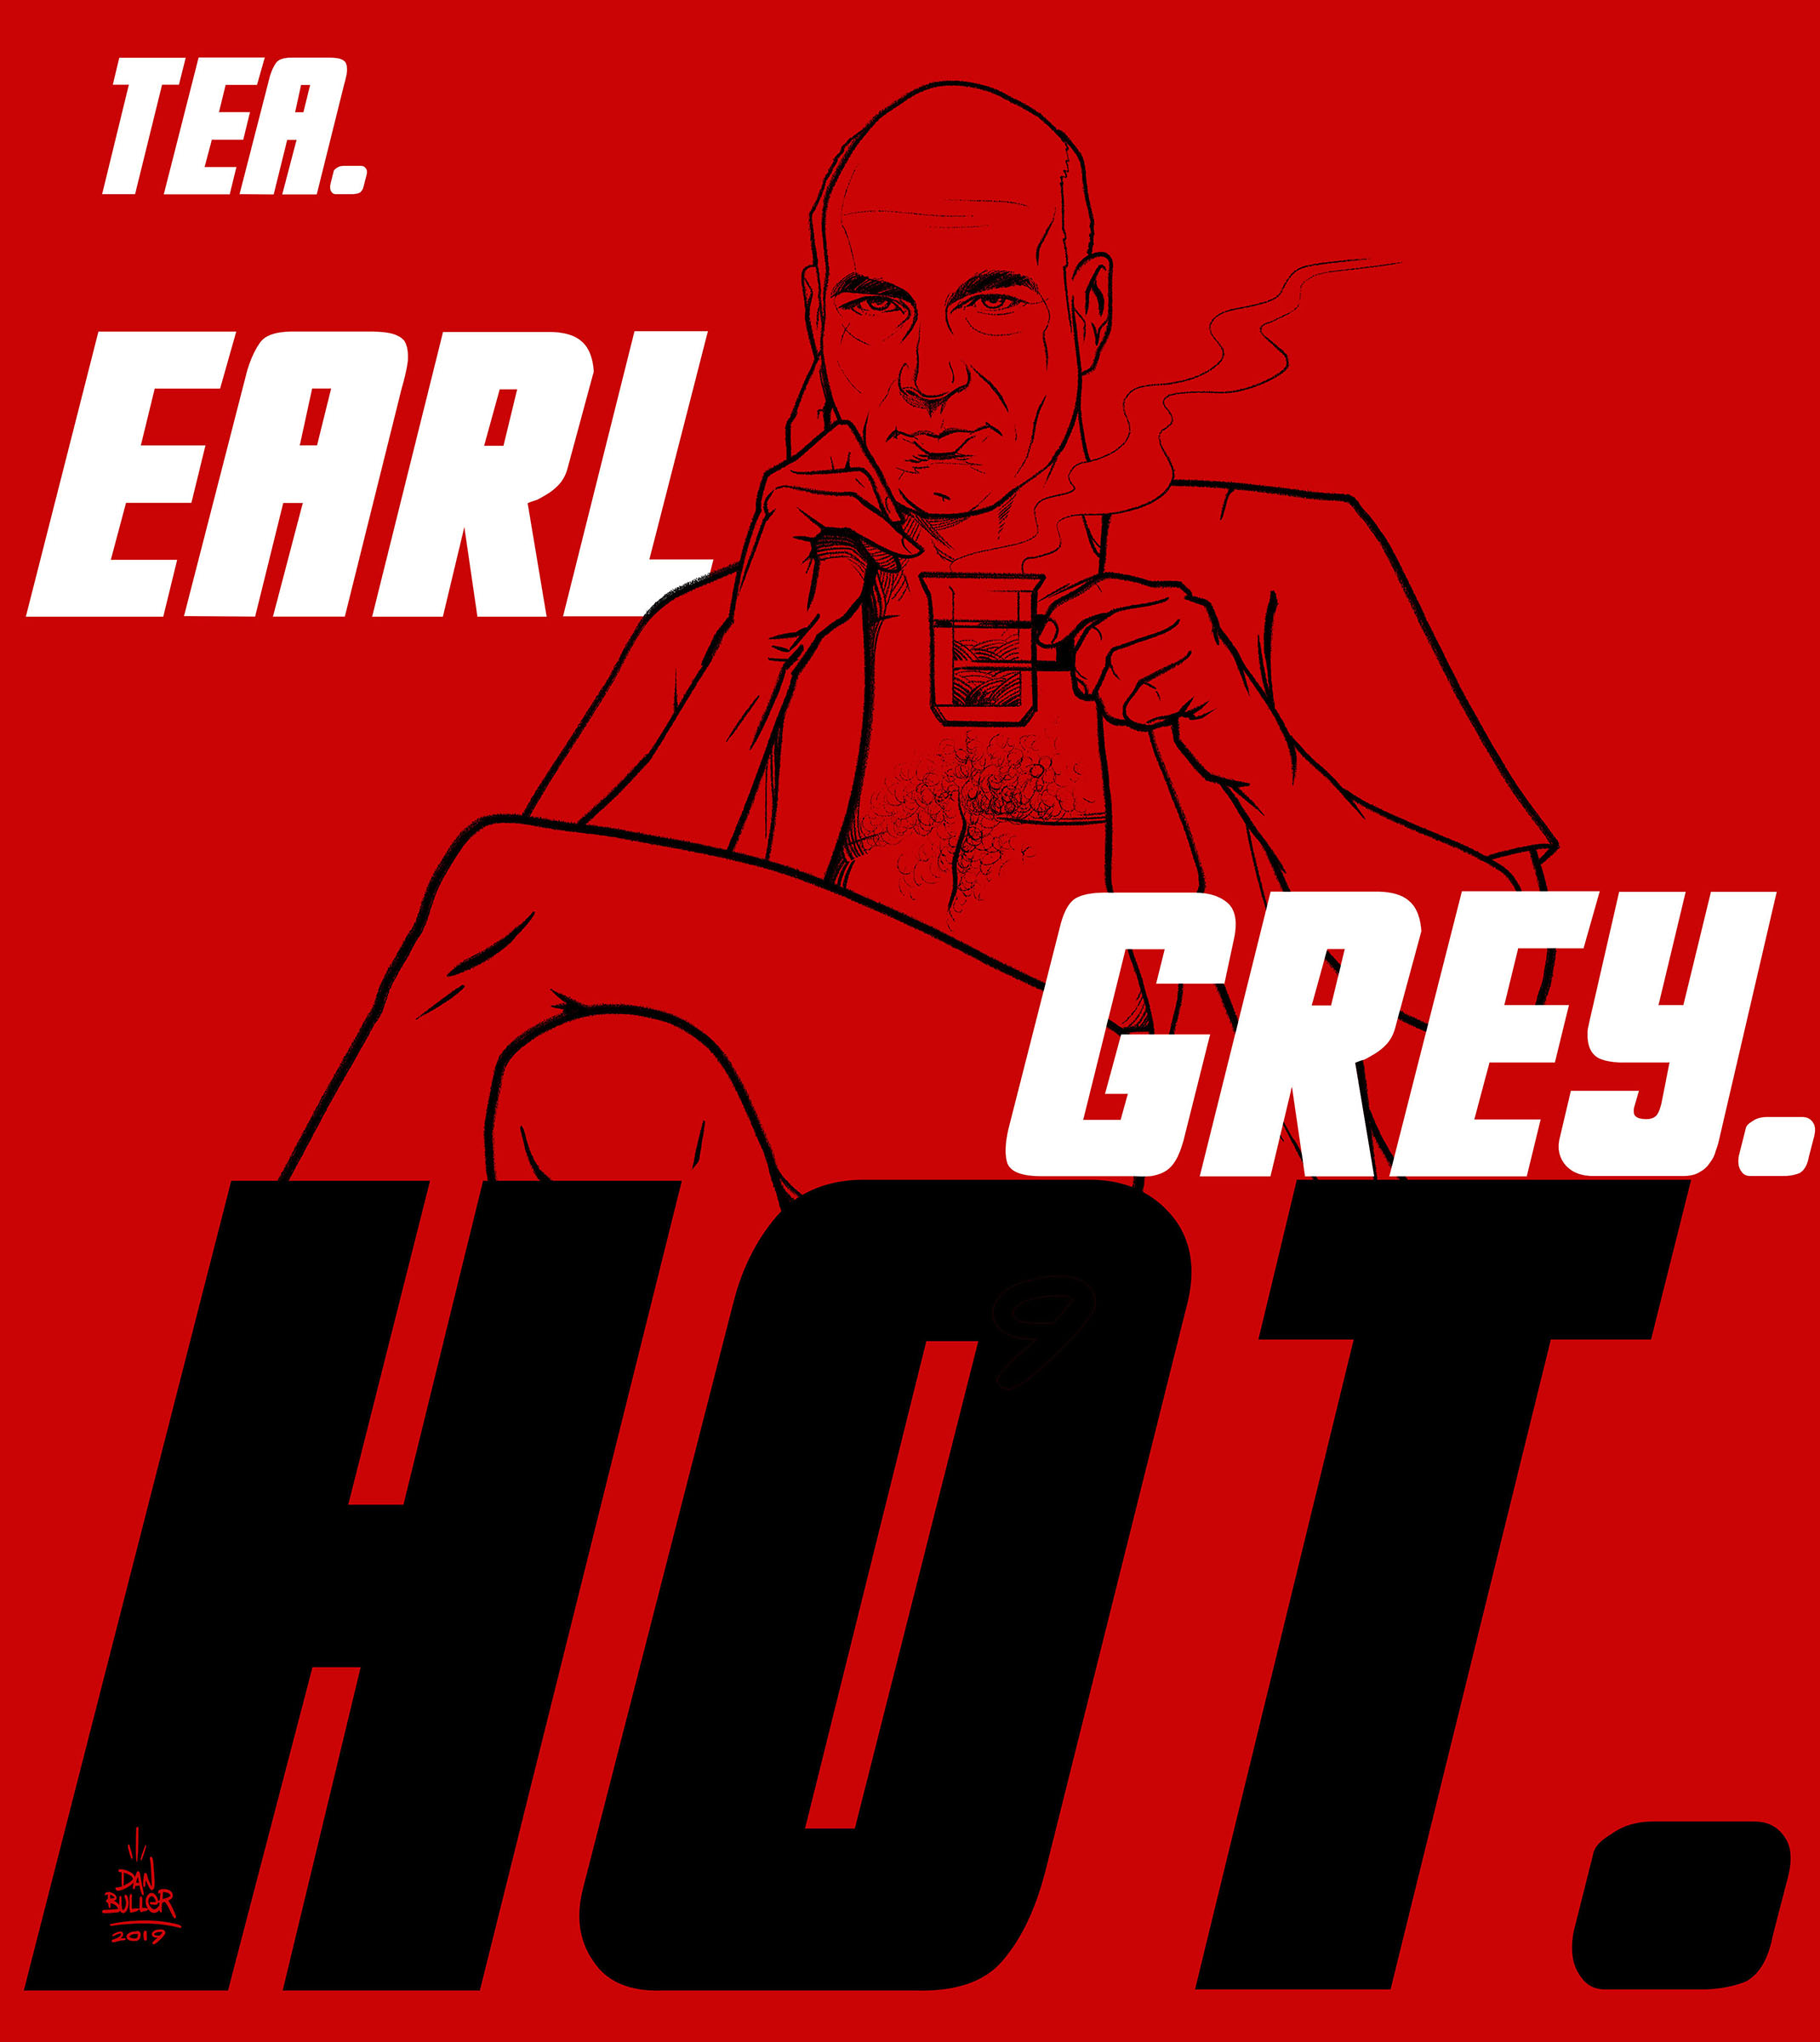 Tea. Earl Grey. Hot.